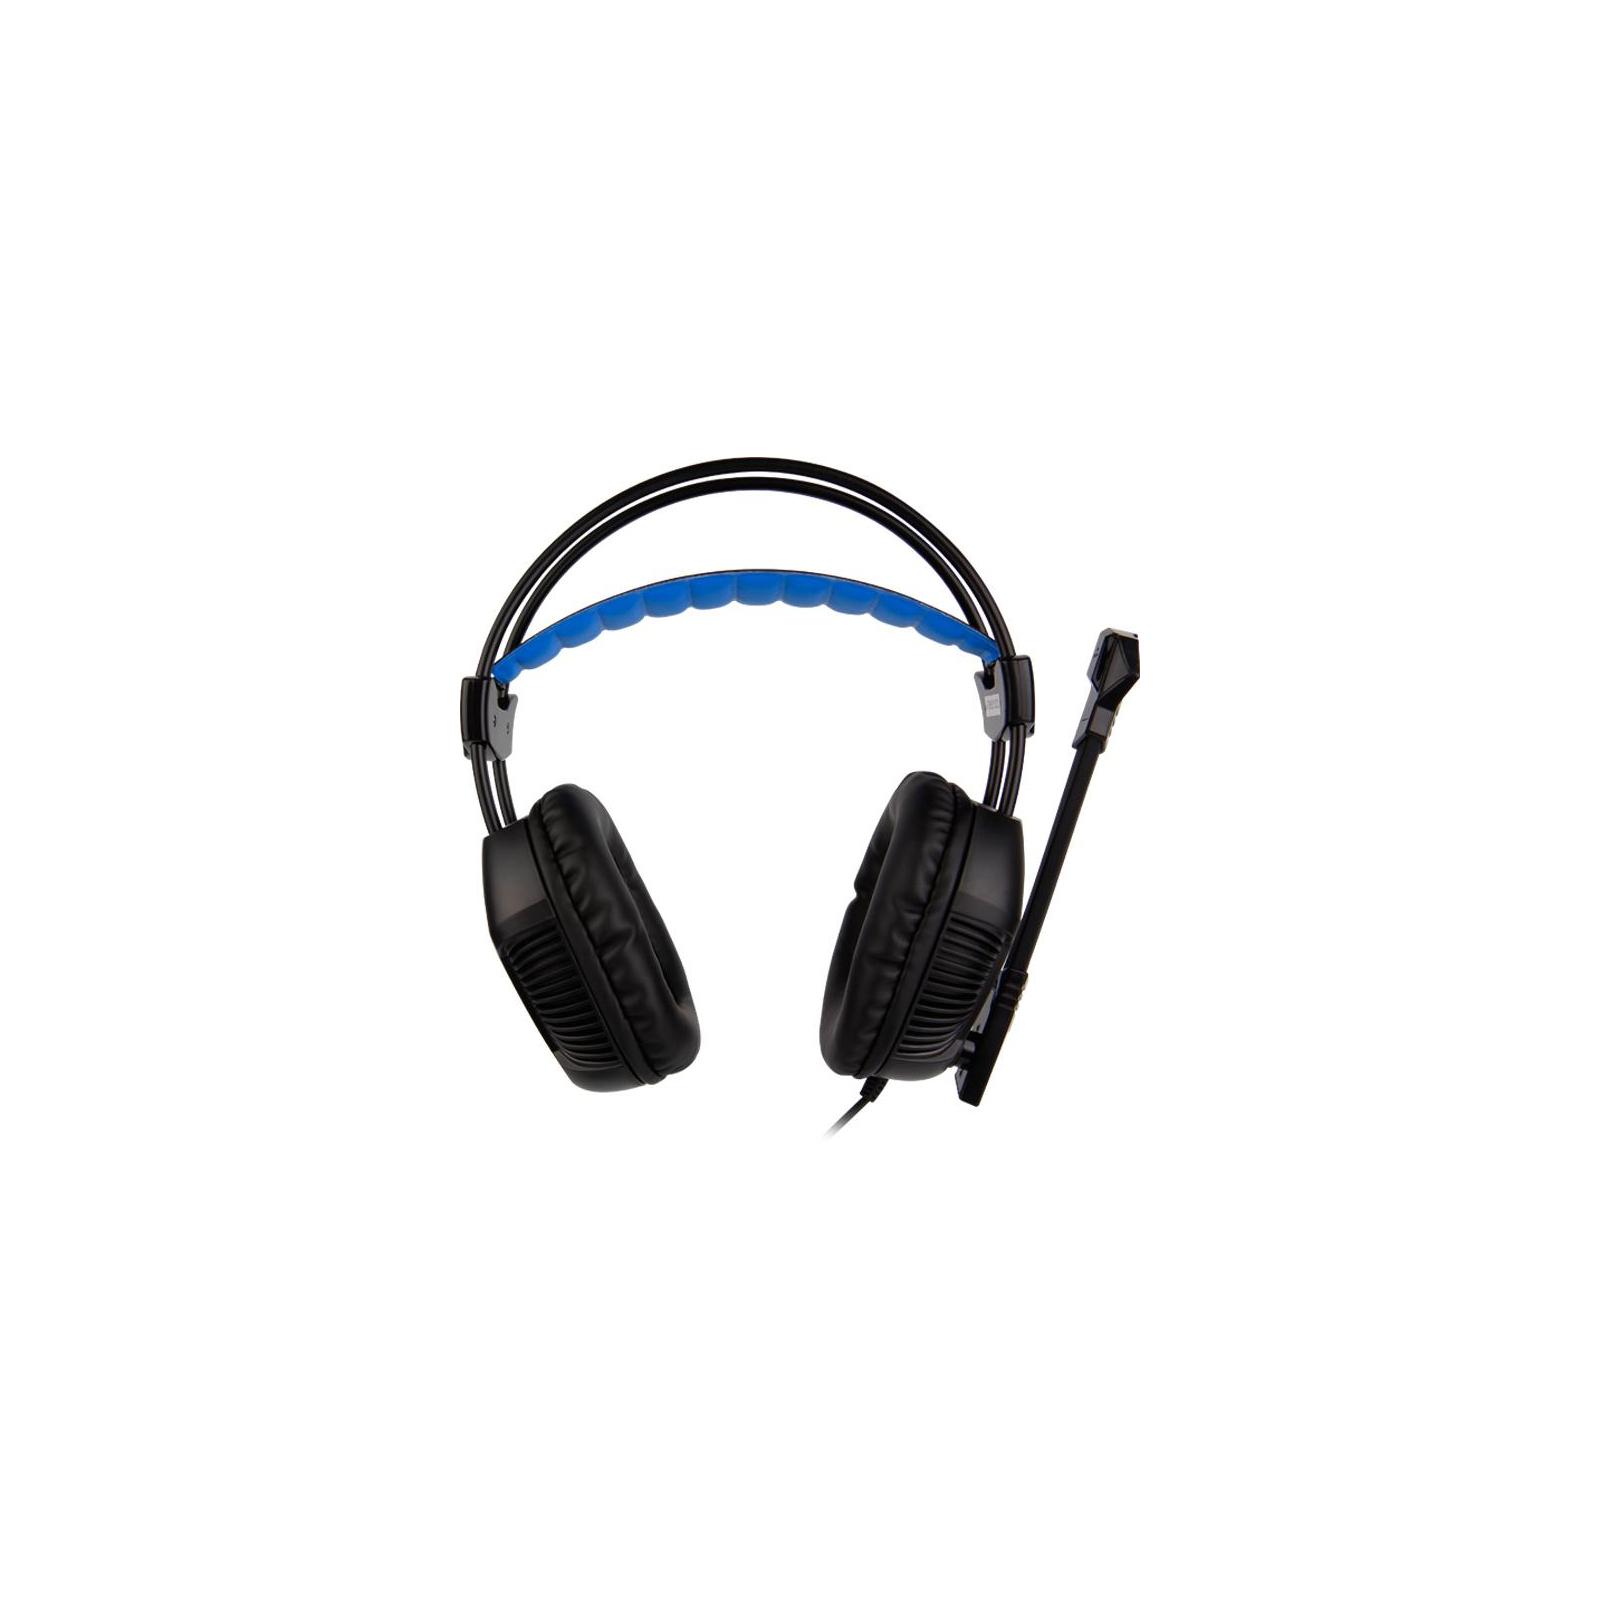 Наушники SADES Xpower Black/Blue (SA706-B-BL) изображение 2